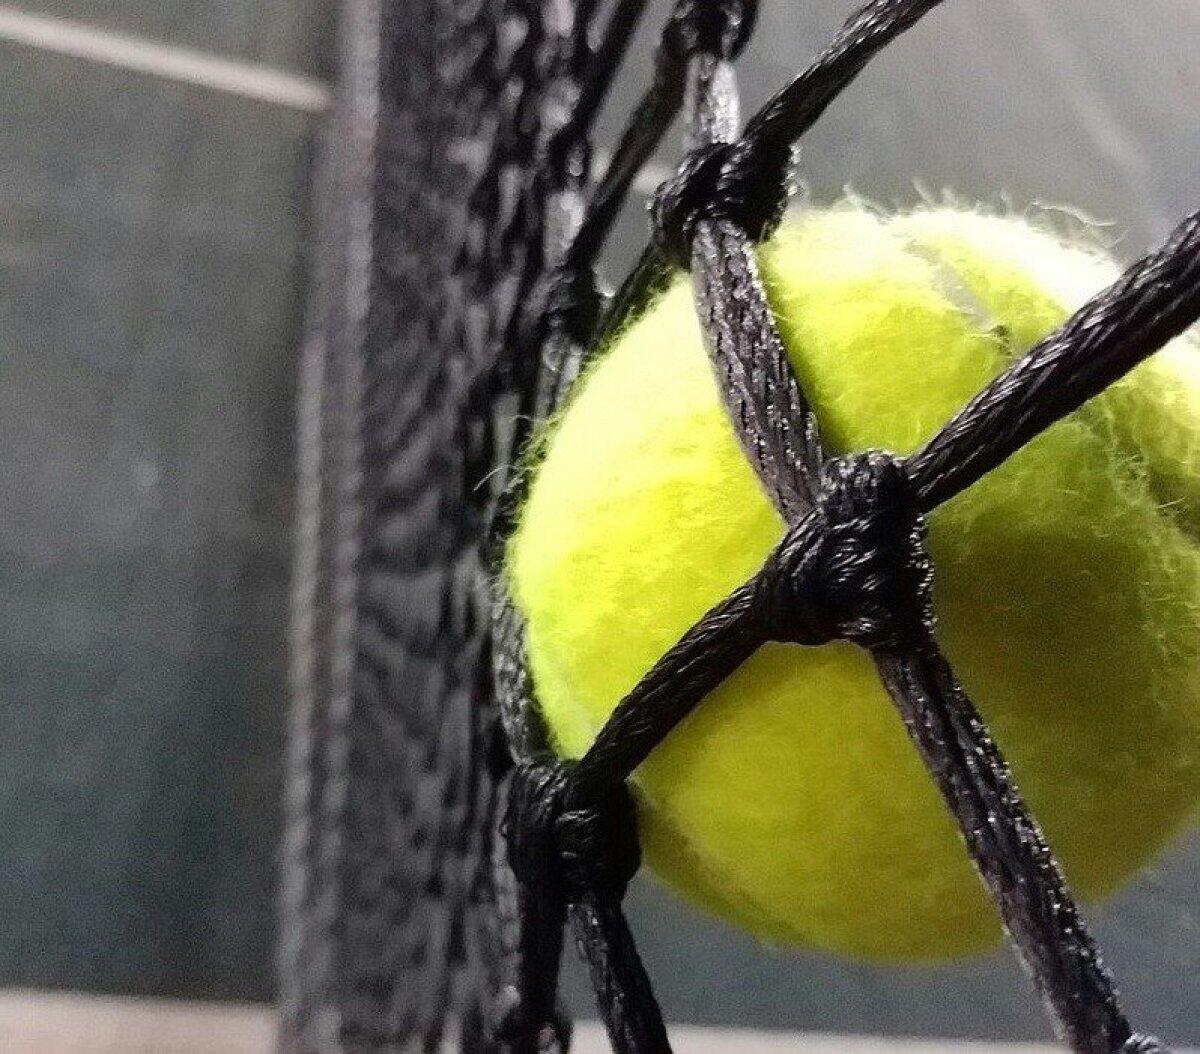 Tennisepall võrgus